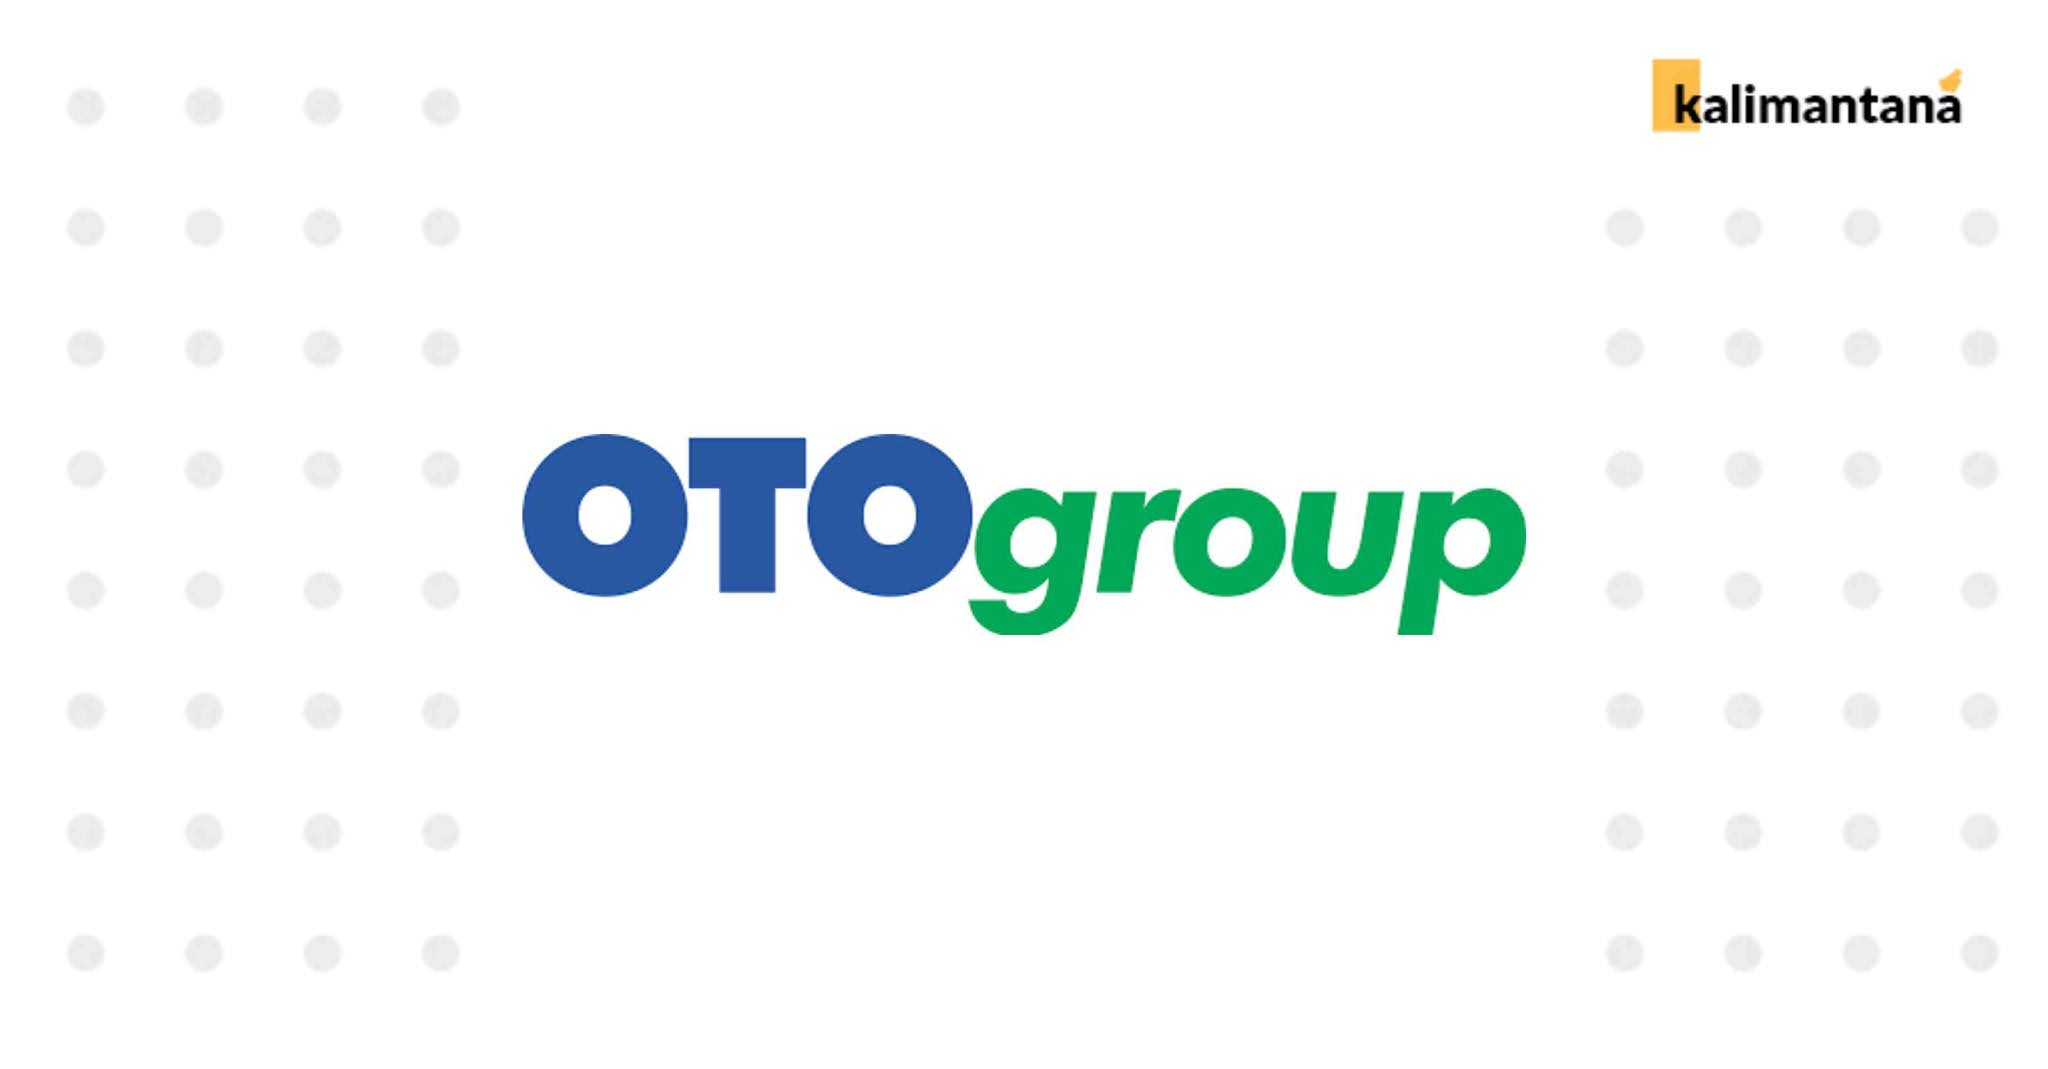 Lowongan kerja OTO Group - Balikpapan